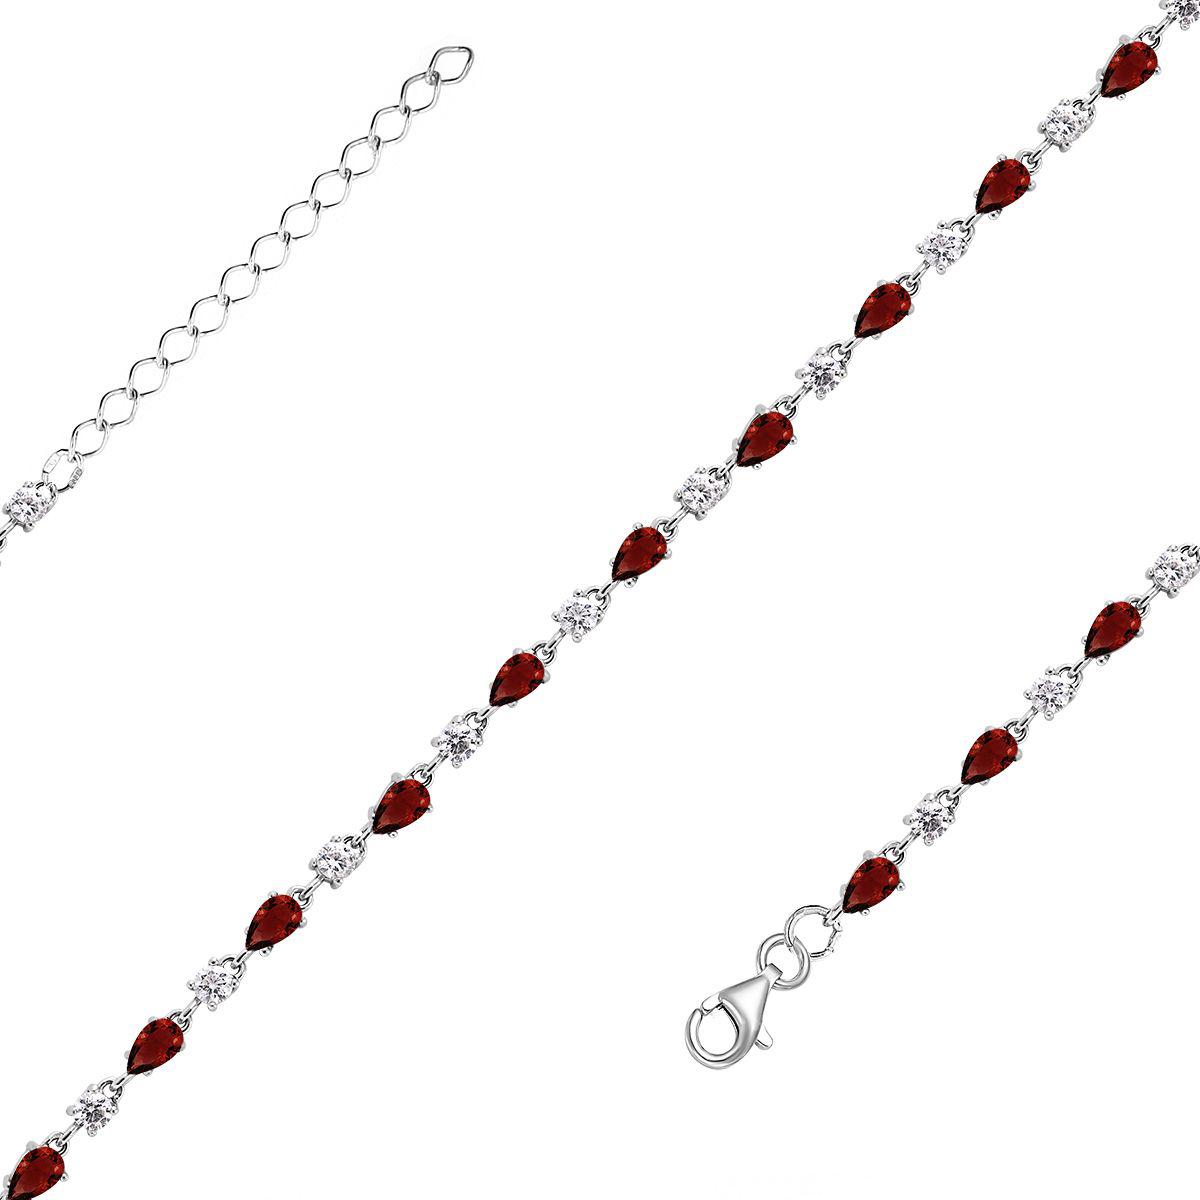 Браслет Серебро России из серебра (8917)